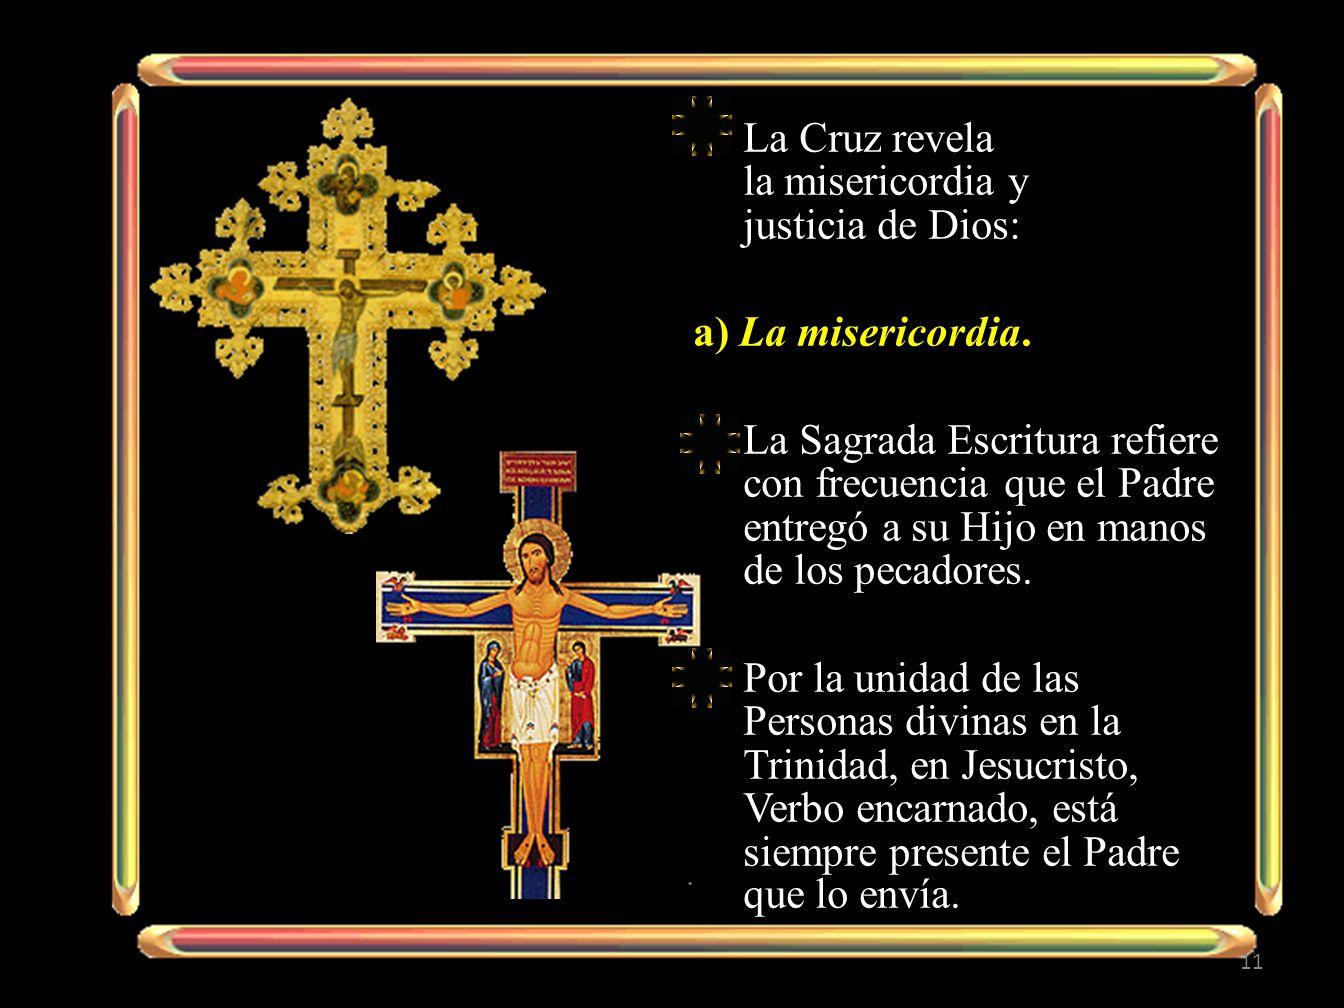 La Cruz revela la misericordia y justicia de Dios: a) La misericordia. La Sagrada Escritura refiere con frecuencia que el Padre entregó a su Hijo en m